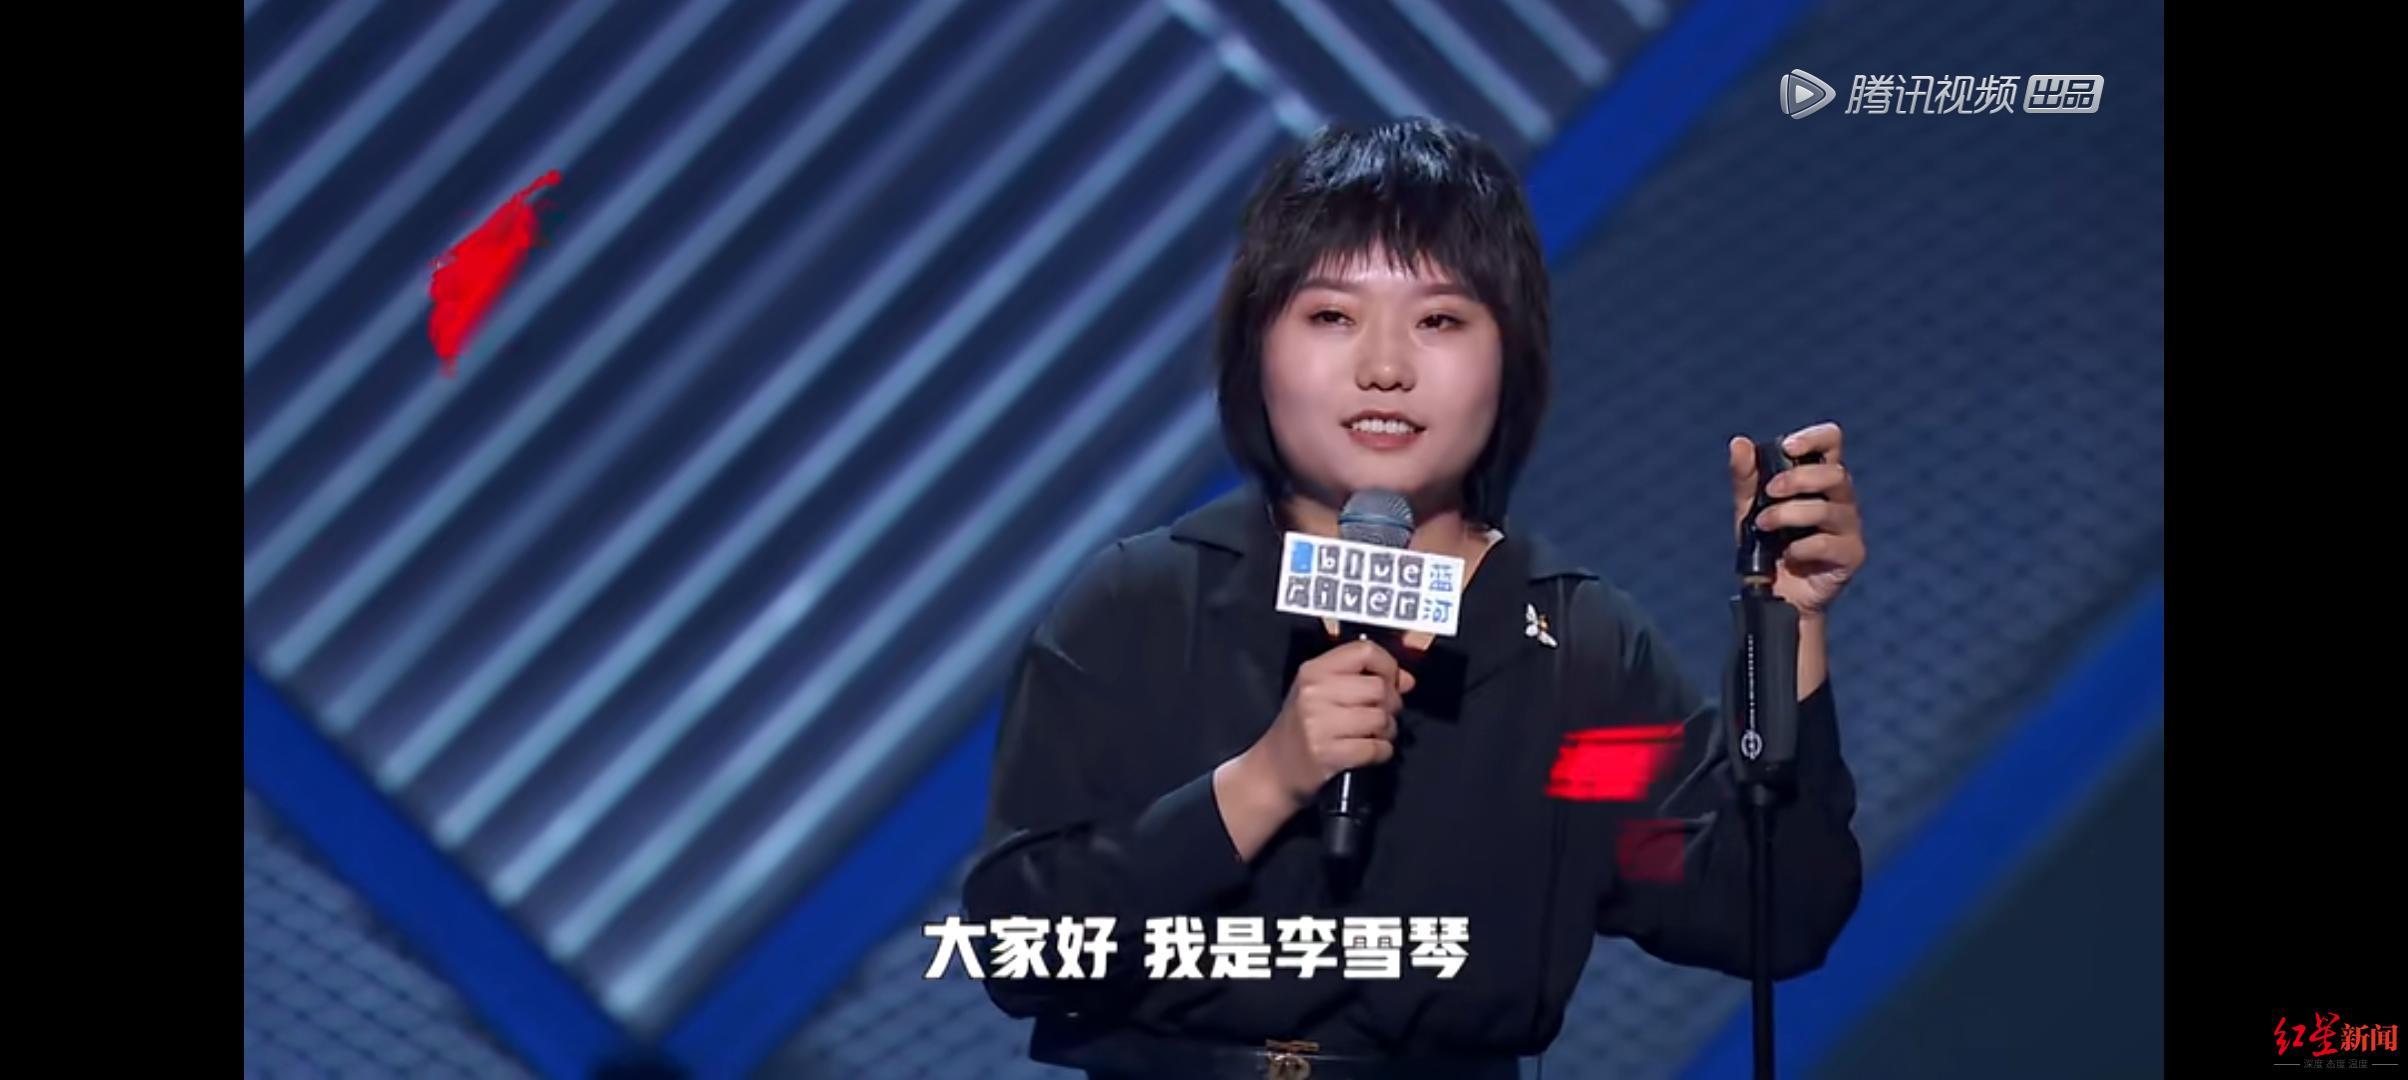 【亚洲天堂交流】_《脱口秀大会》总决赛 最出圈的是——李雪琴